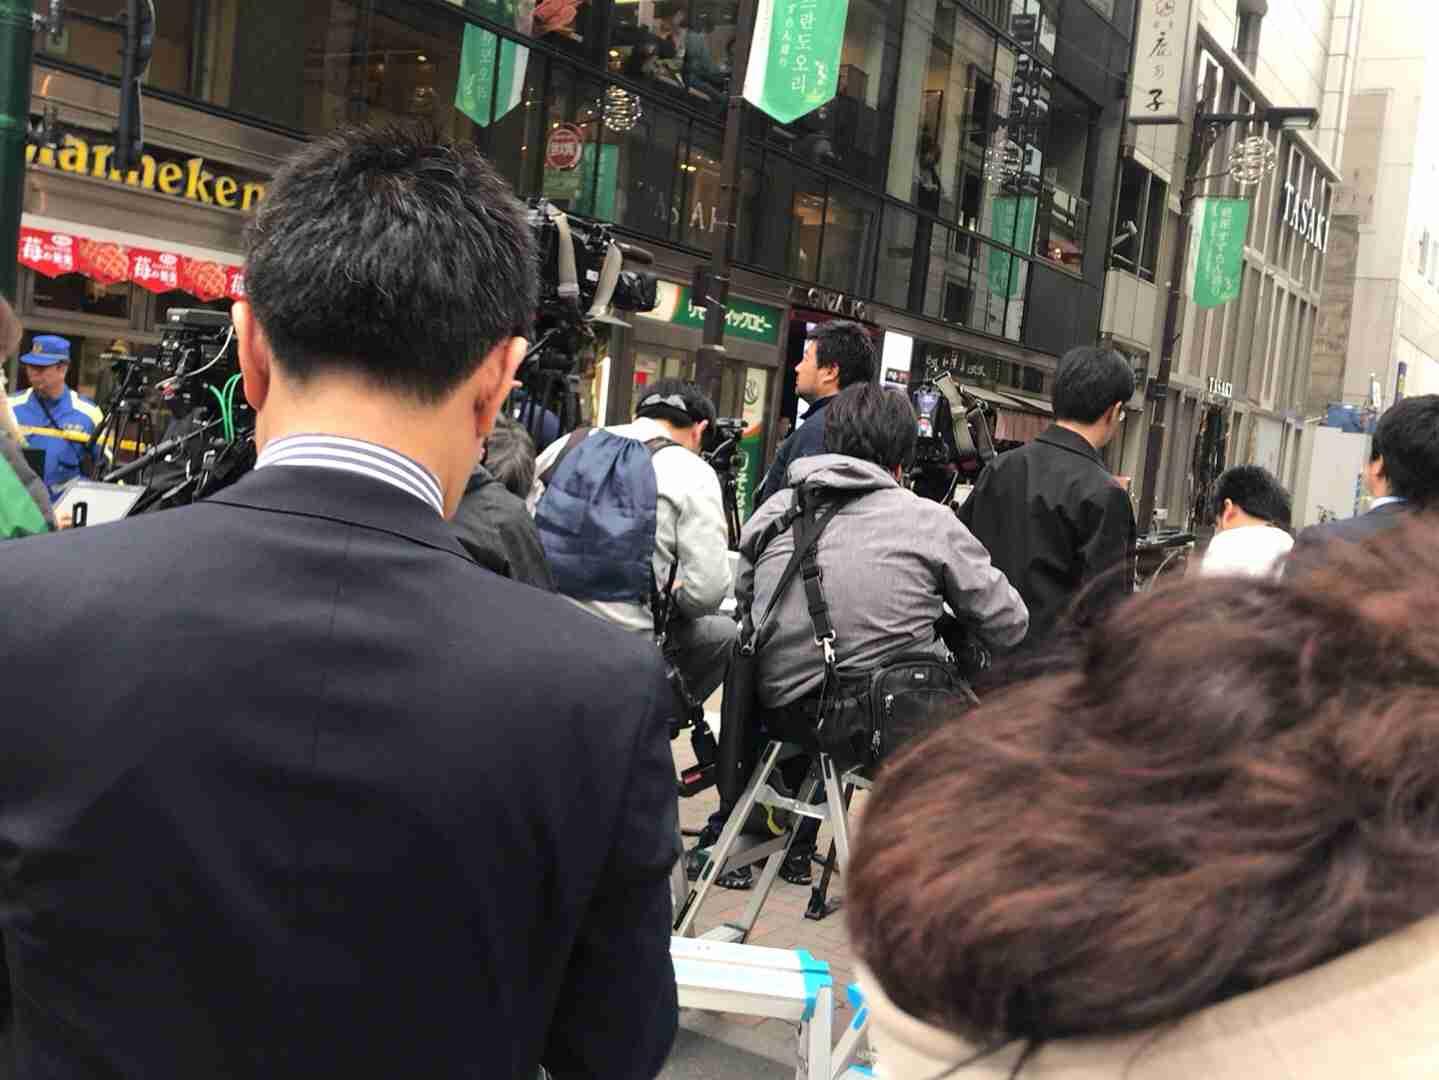 銀座5丁目で数千万円奪われる バイクで男が逃走